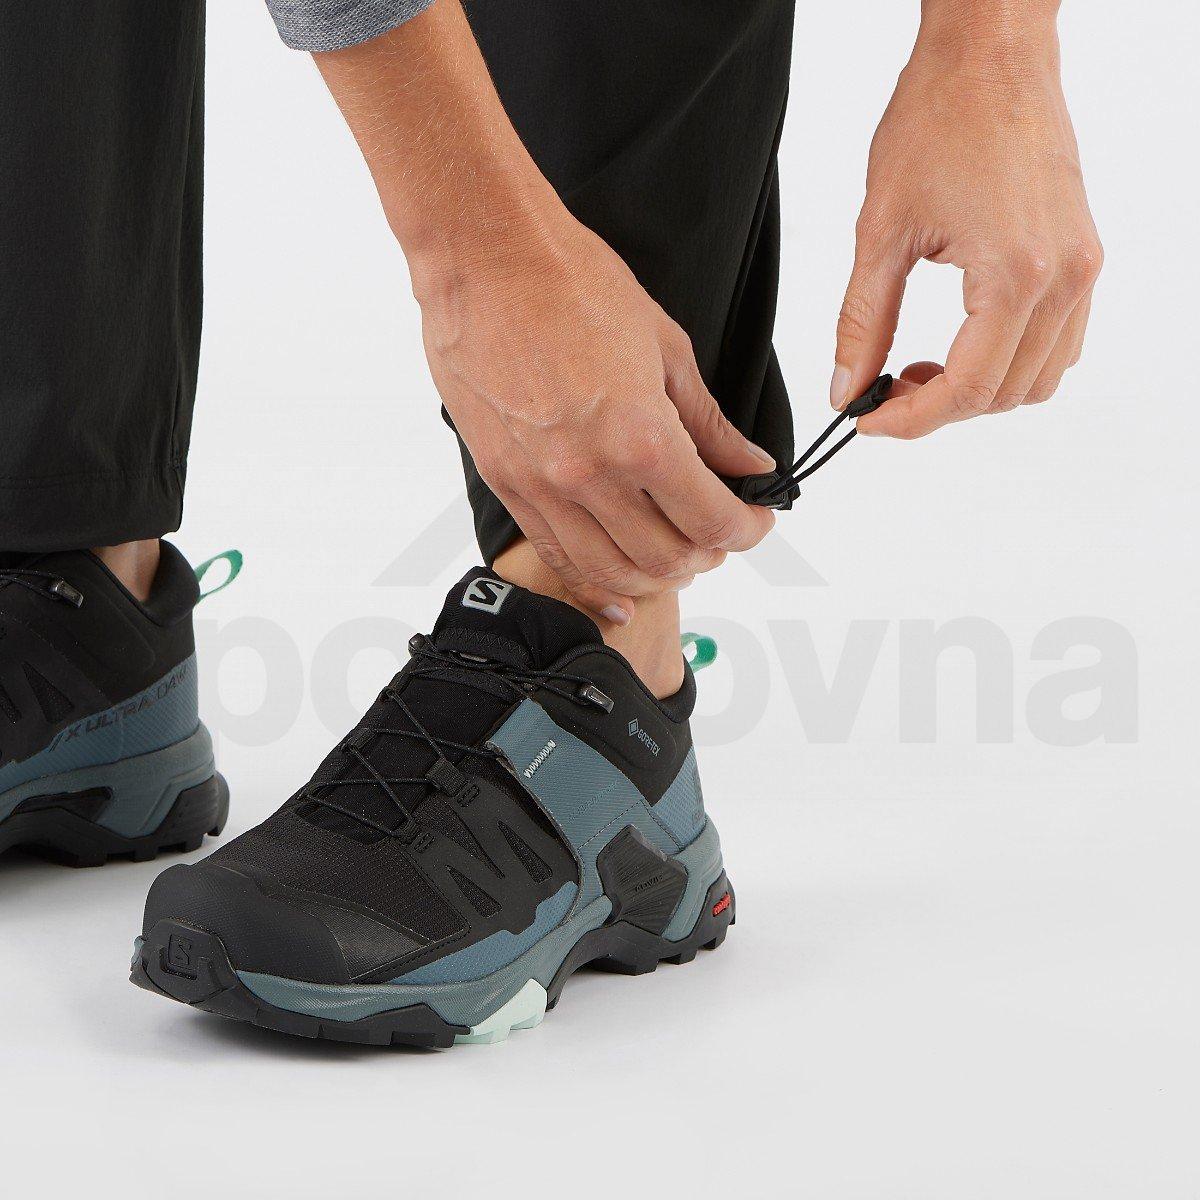 Kalhoty Salomon WAYFARER PANTS W - černá